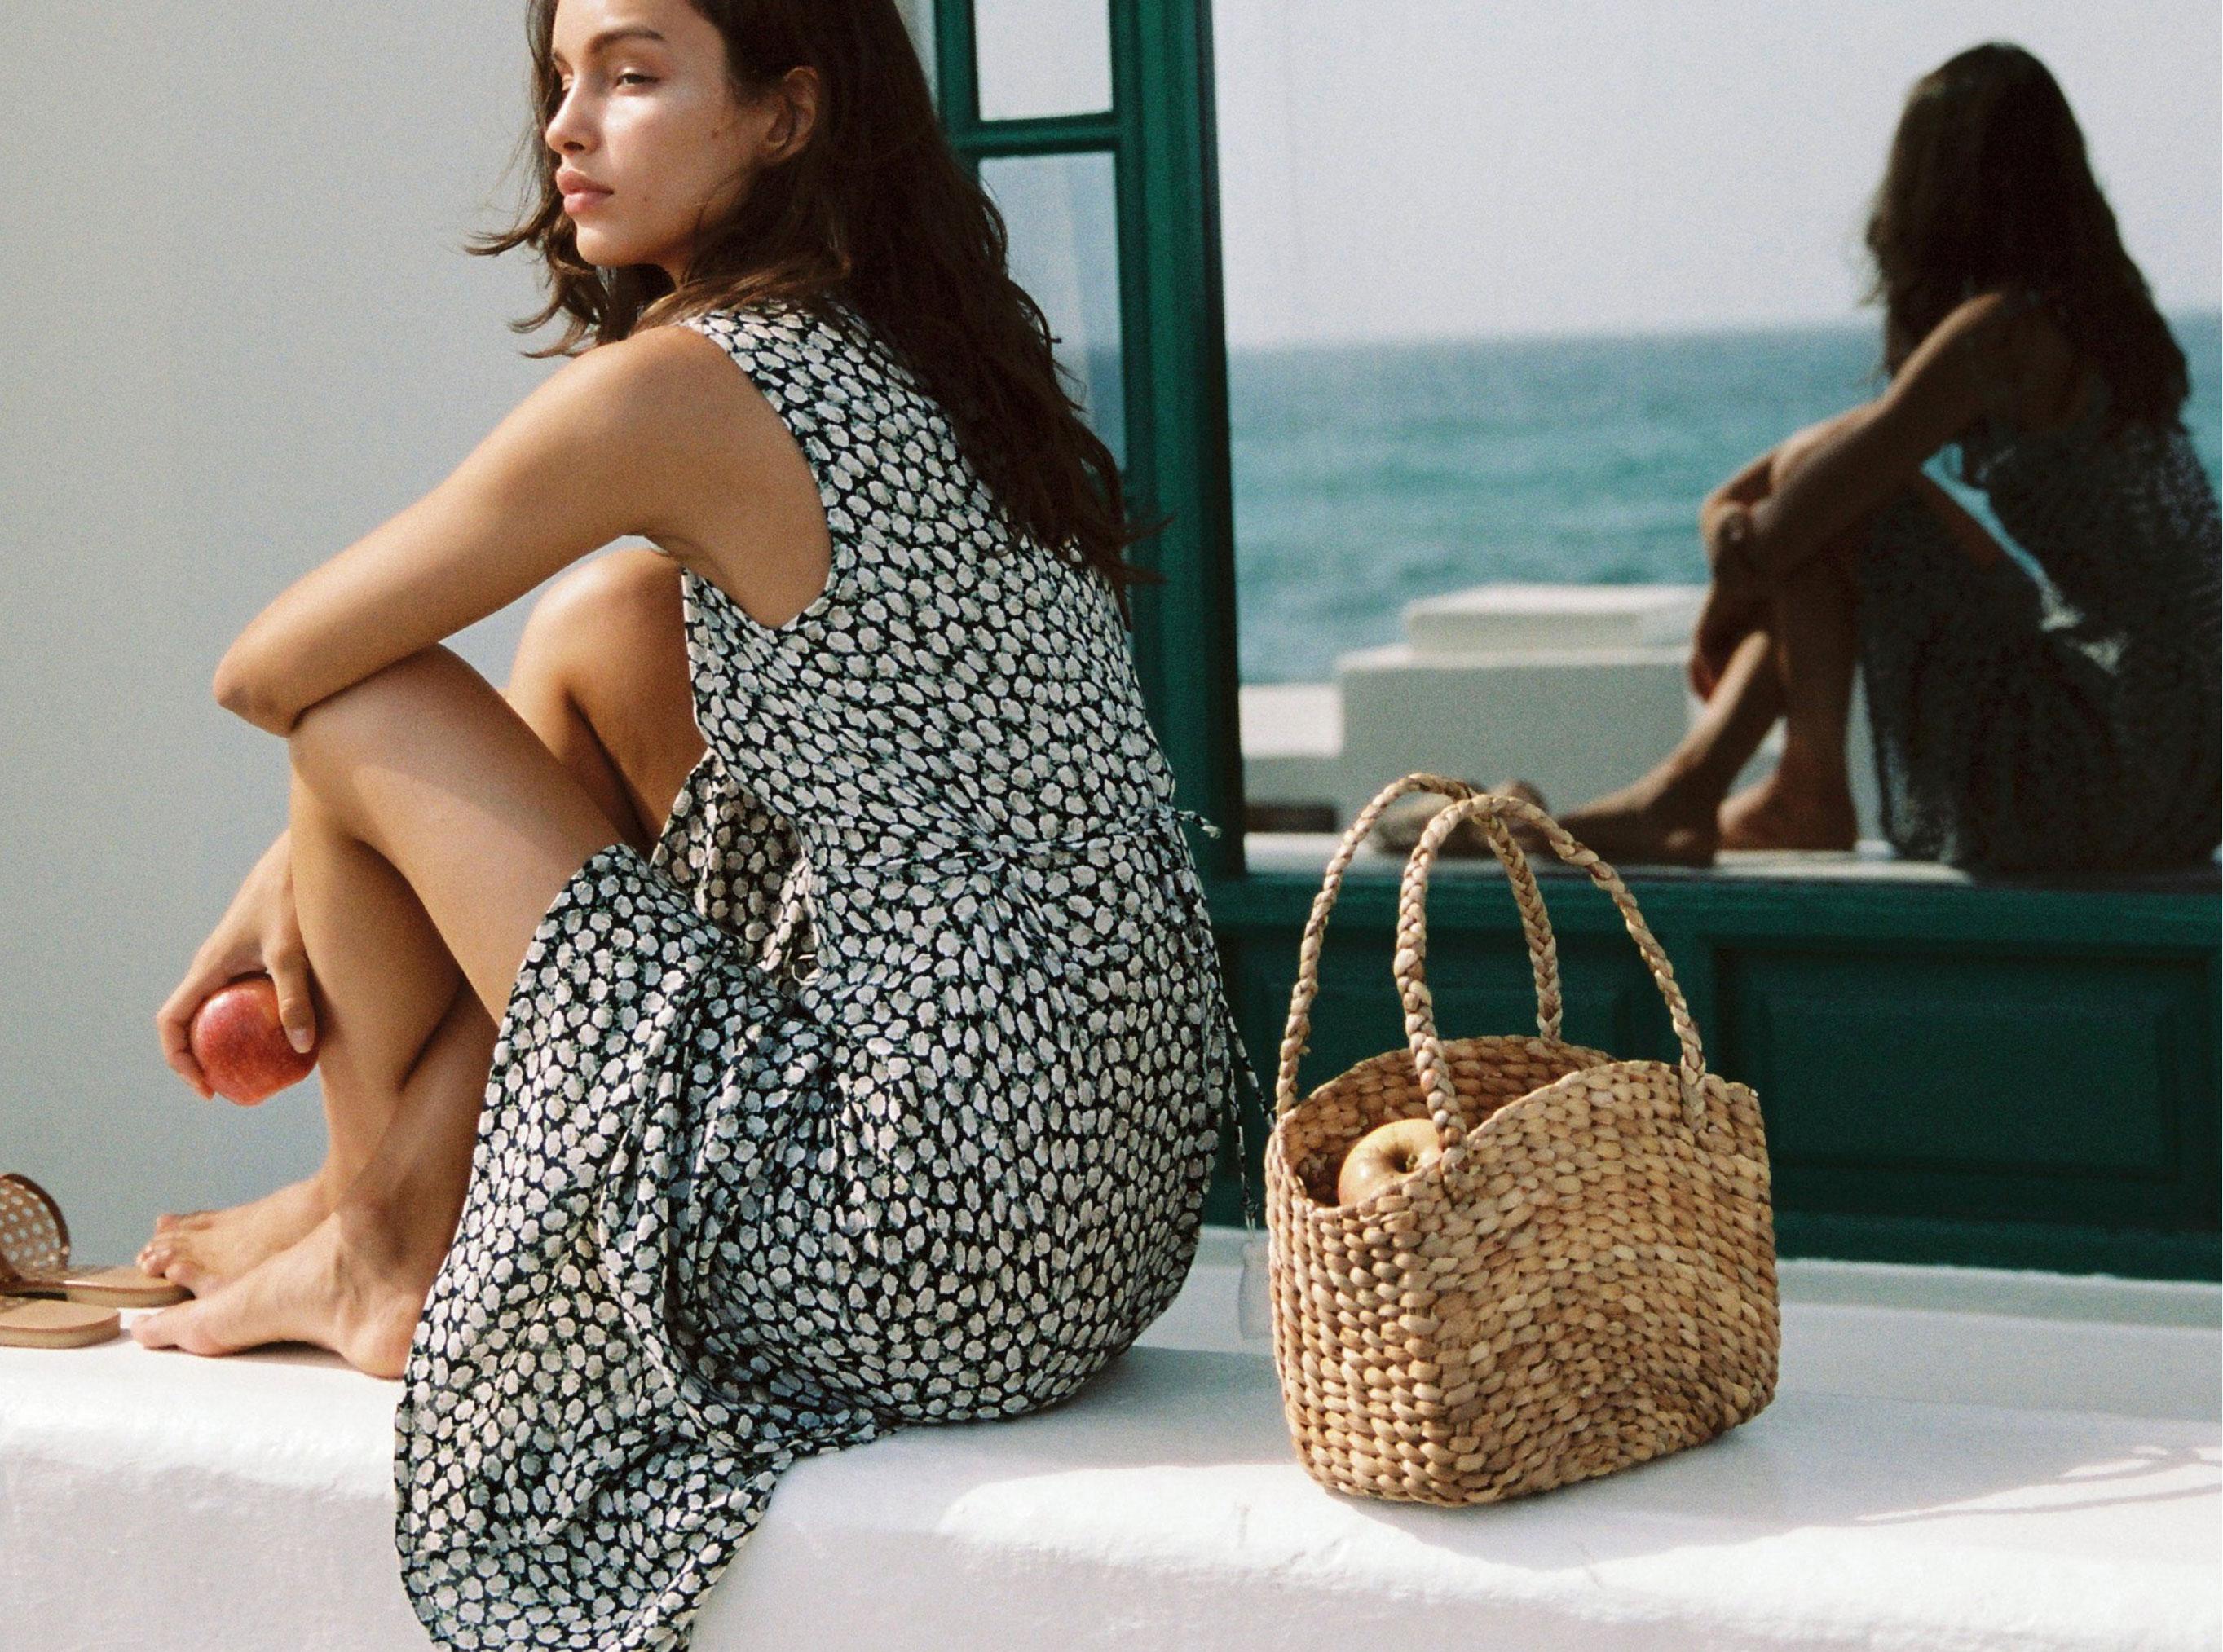 Коллекция купальников и пляжной одежды Faithfull the Brand, лето 2019 / фото 30